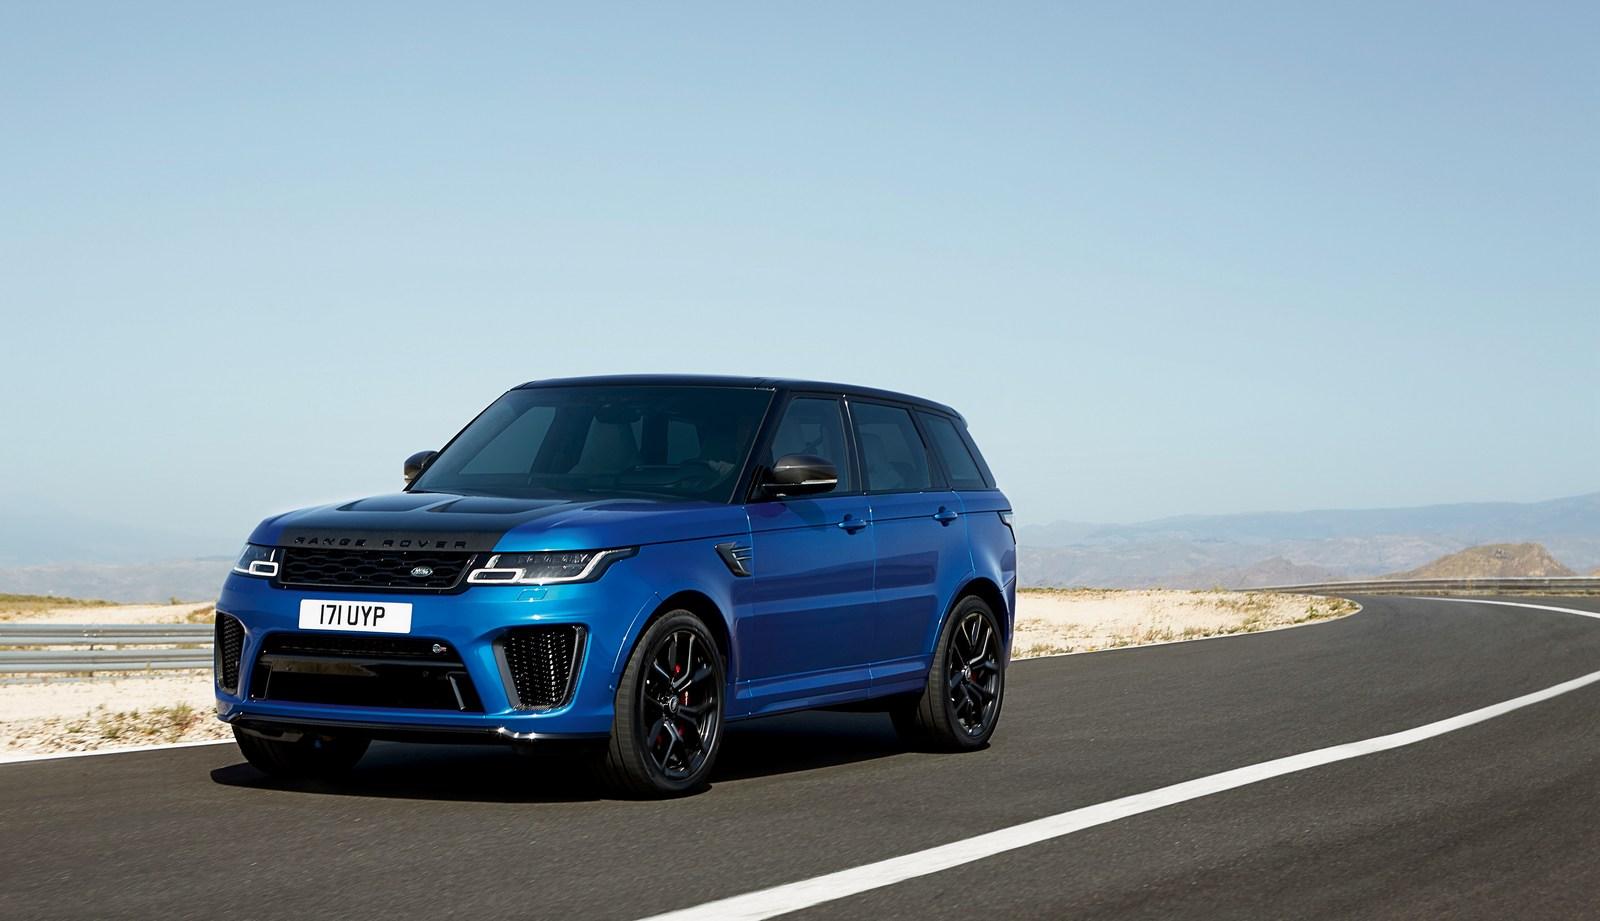 2018 range rover sport svr facelift has carbon hood autoevolution. Black Bedroom Furniture Sets. Home Design Ideas